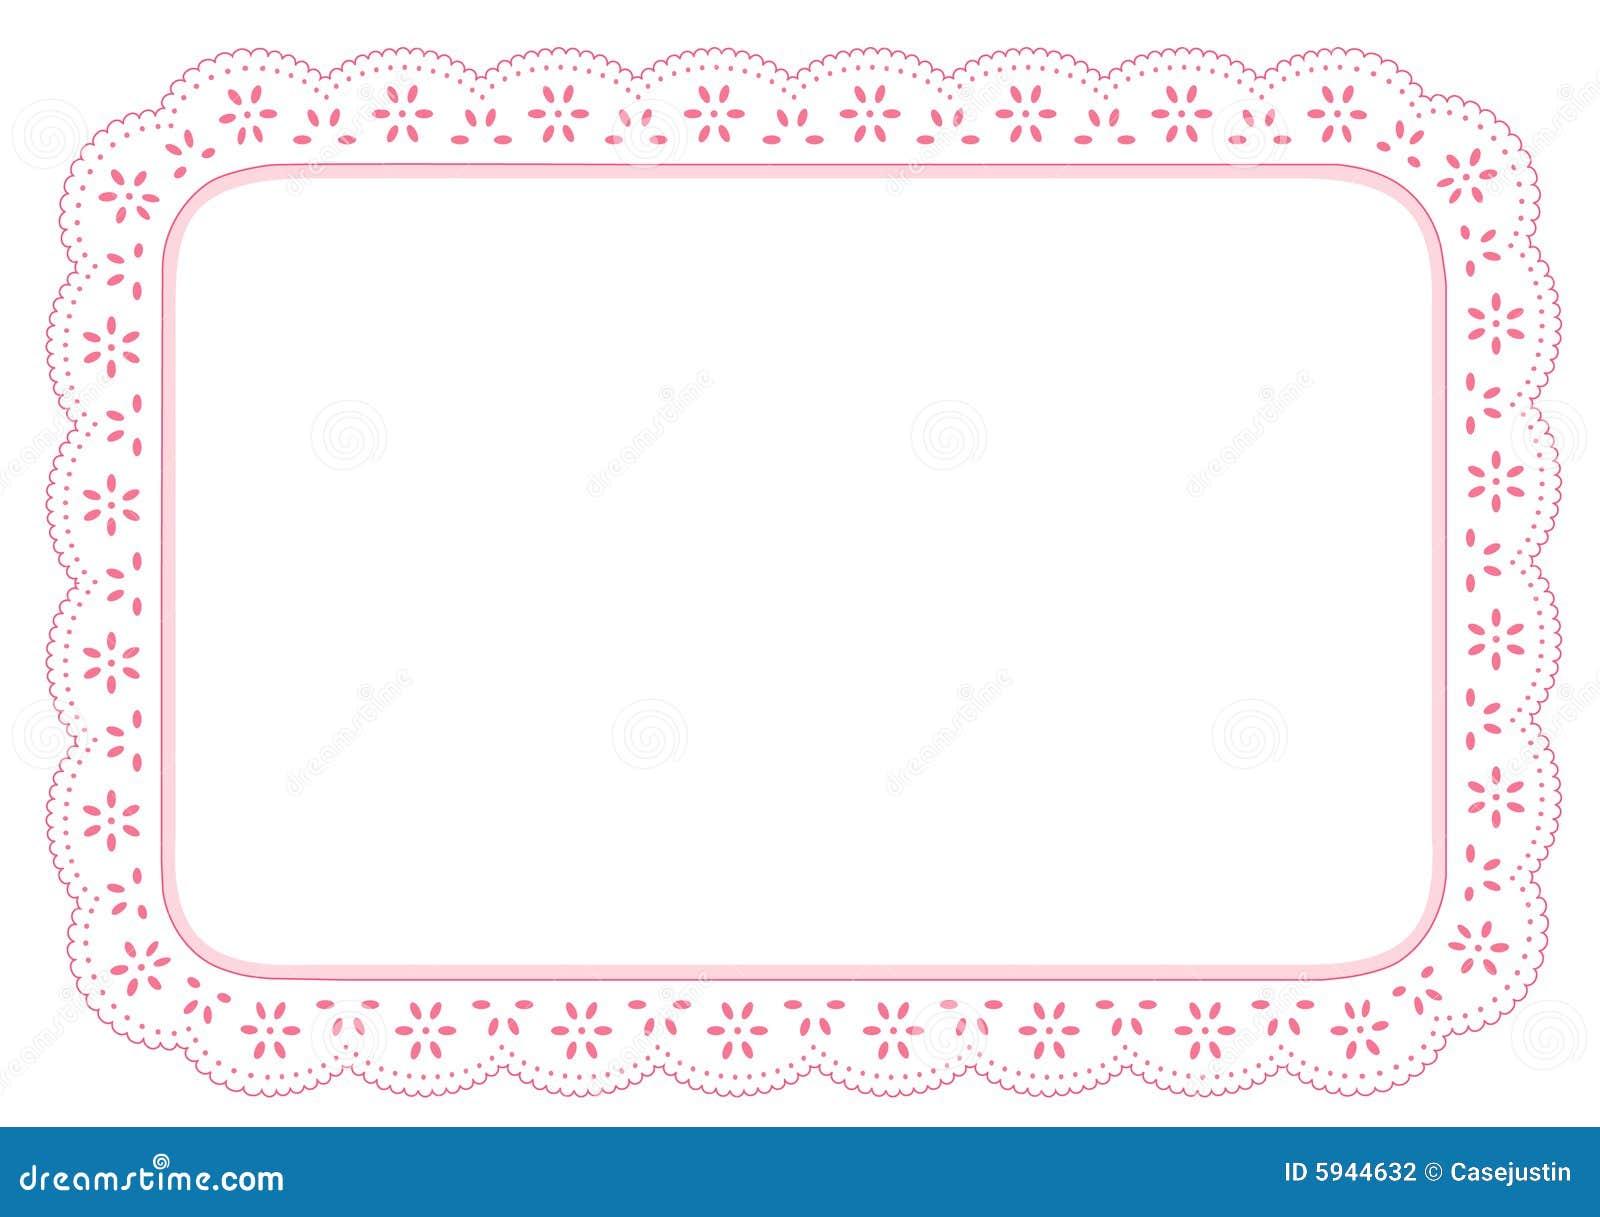 Lace mat pinkeyelet place